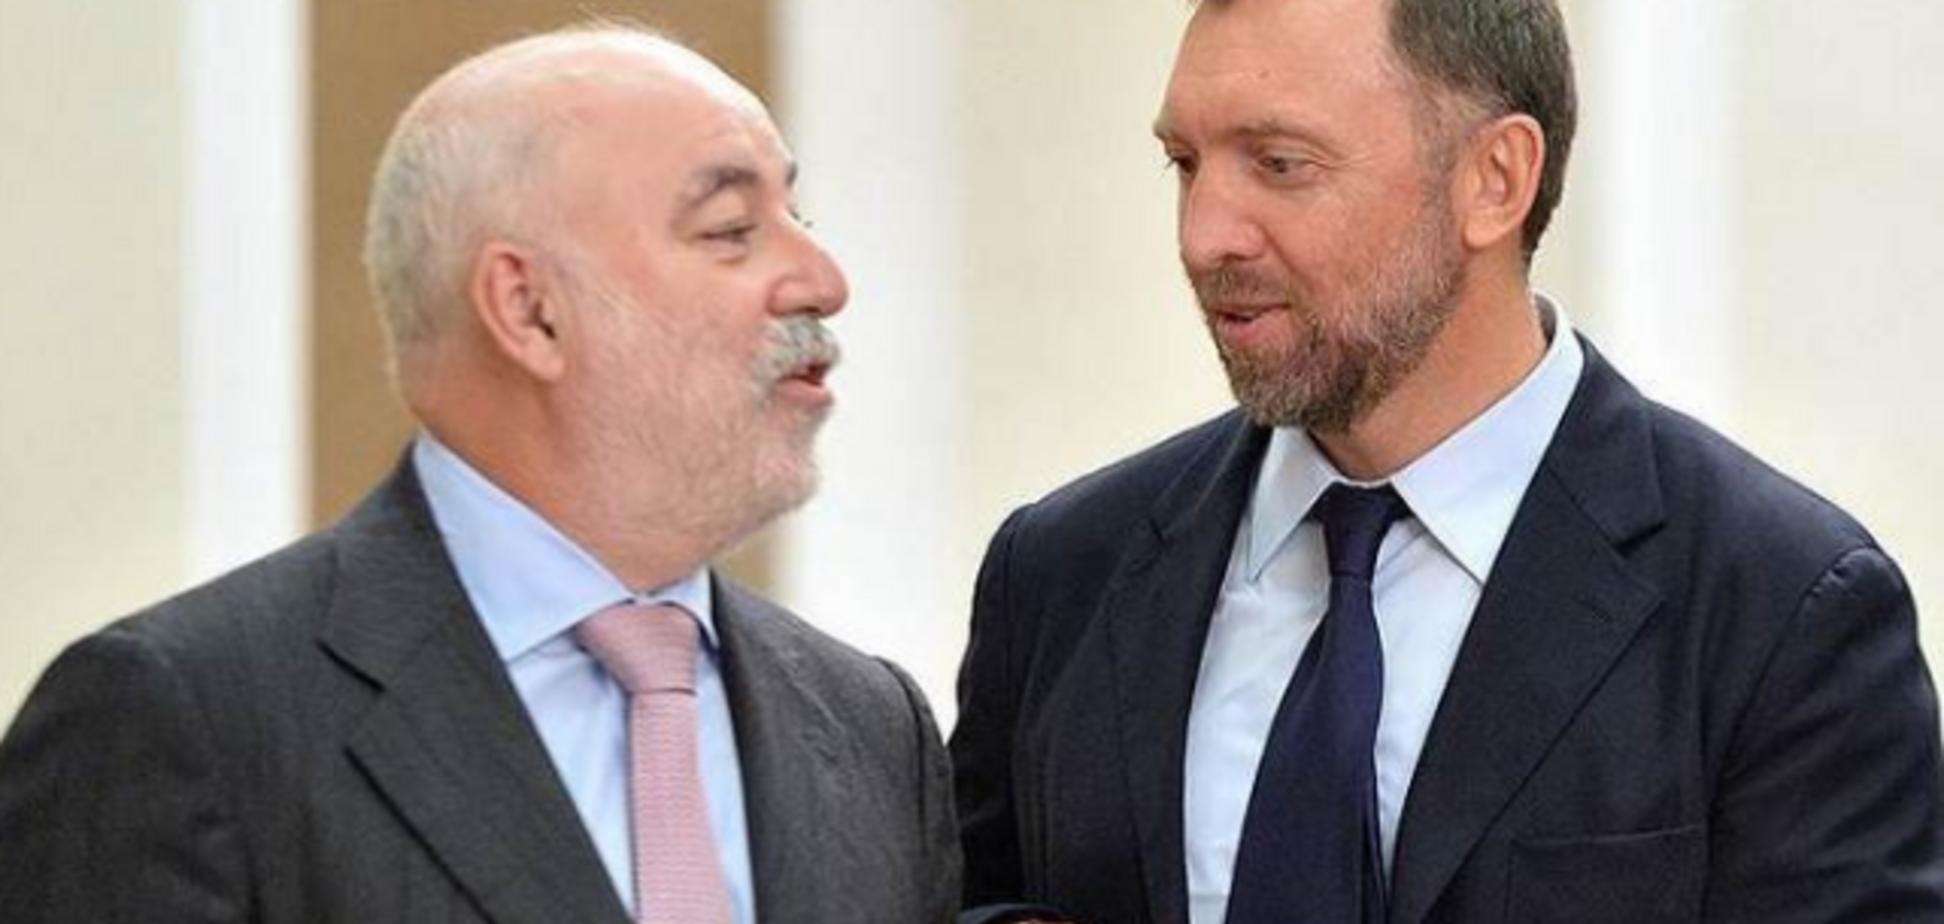 Удар в спину: олигархов-друзей Путина не пригласили в Давос из-за США